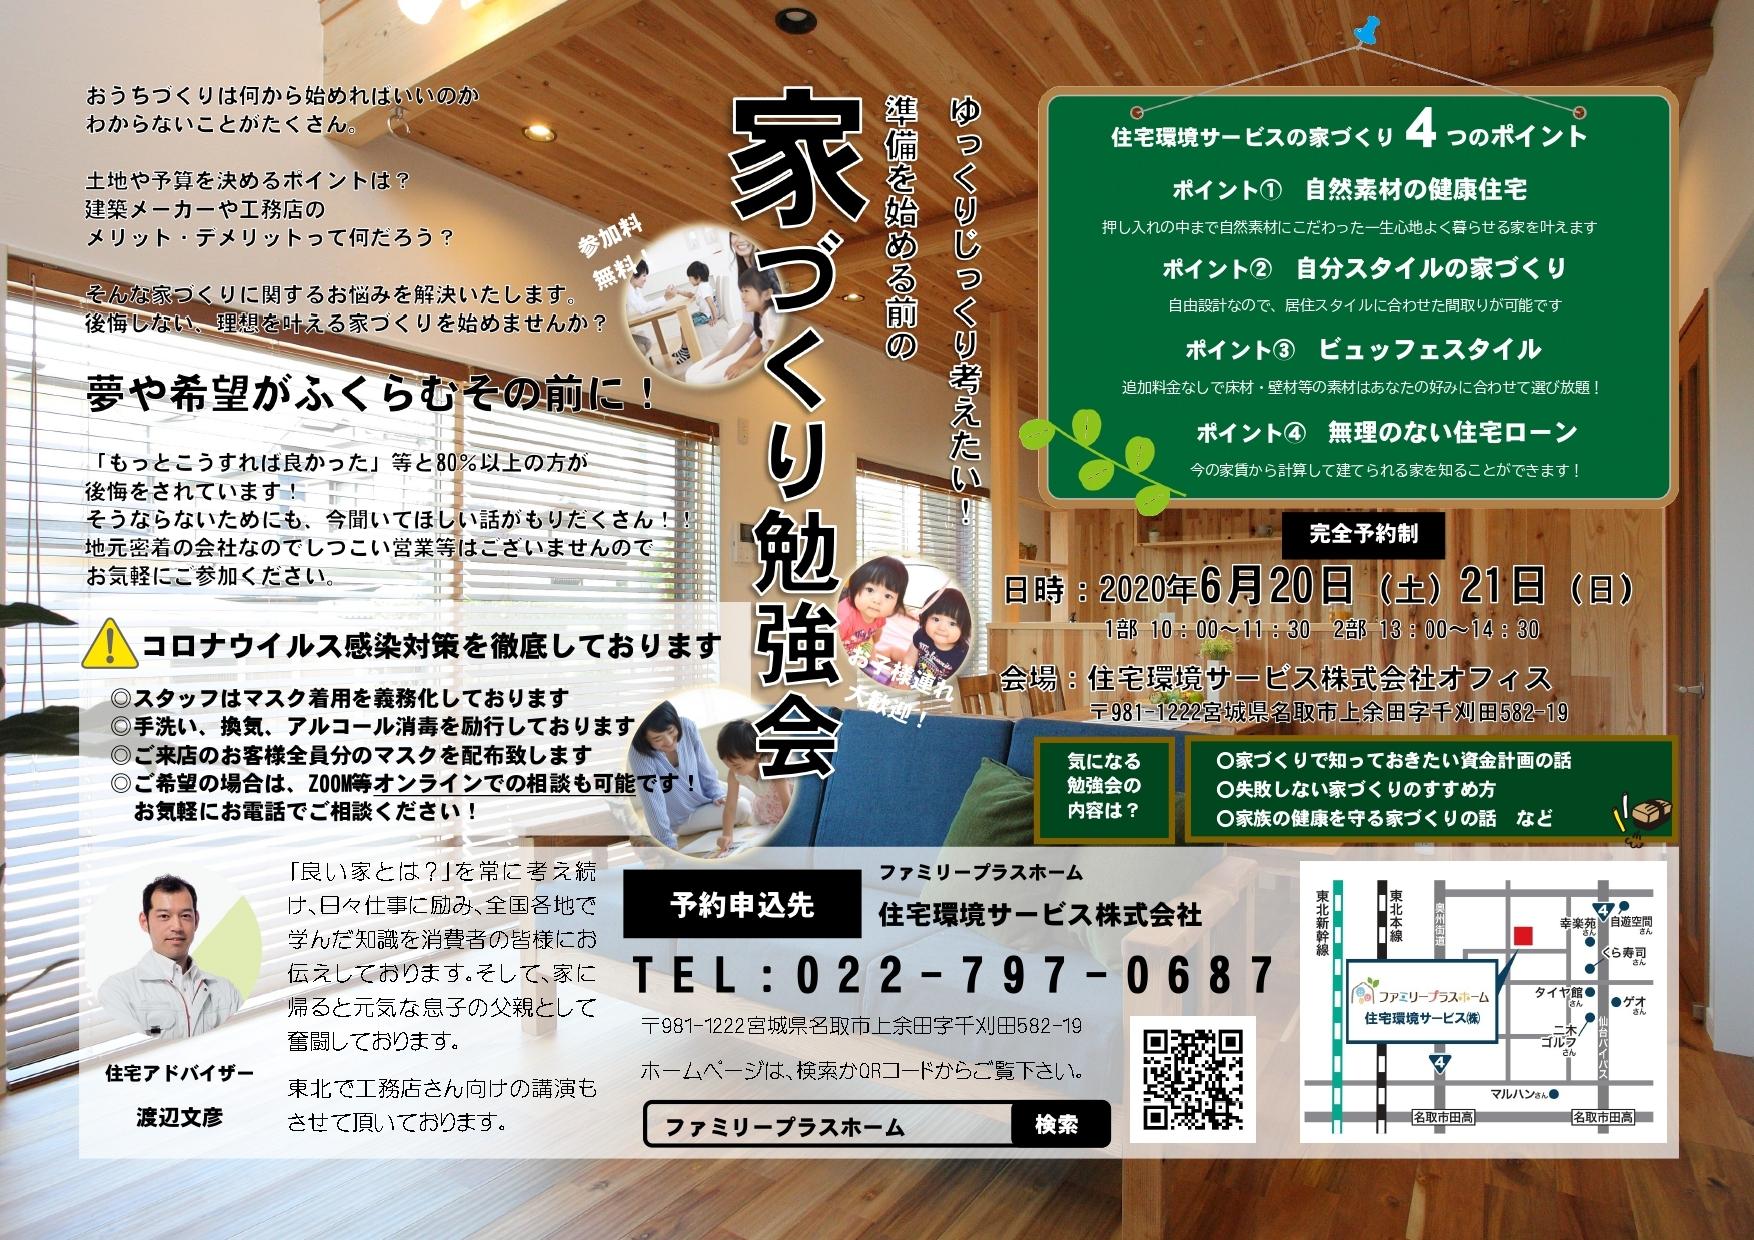 2020.6.20-21家づくり勉強会(ファミリープラスホーム)_page-0001.jpg